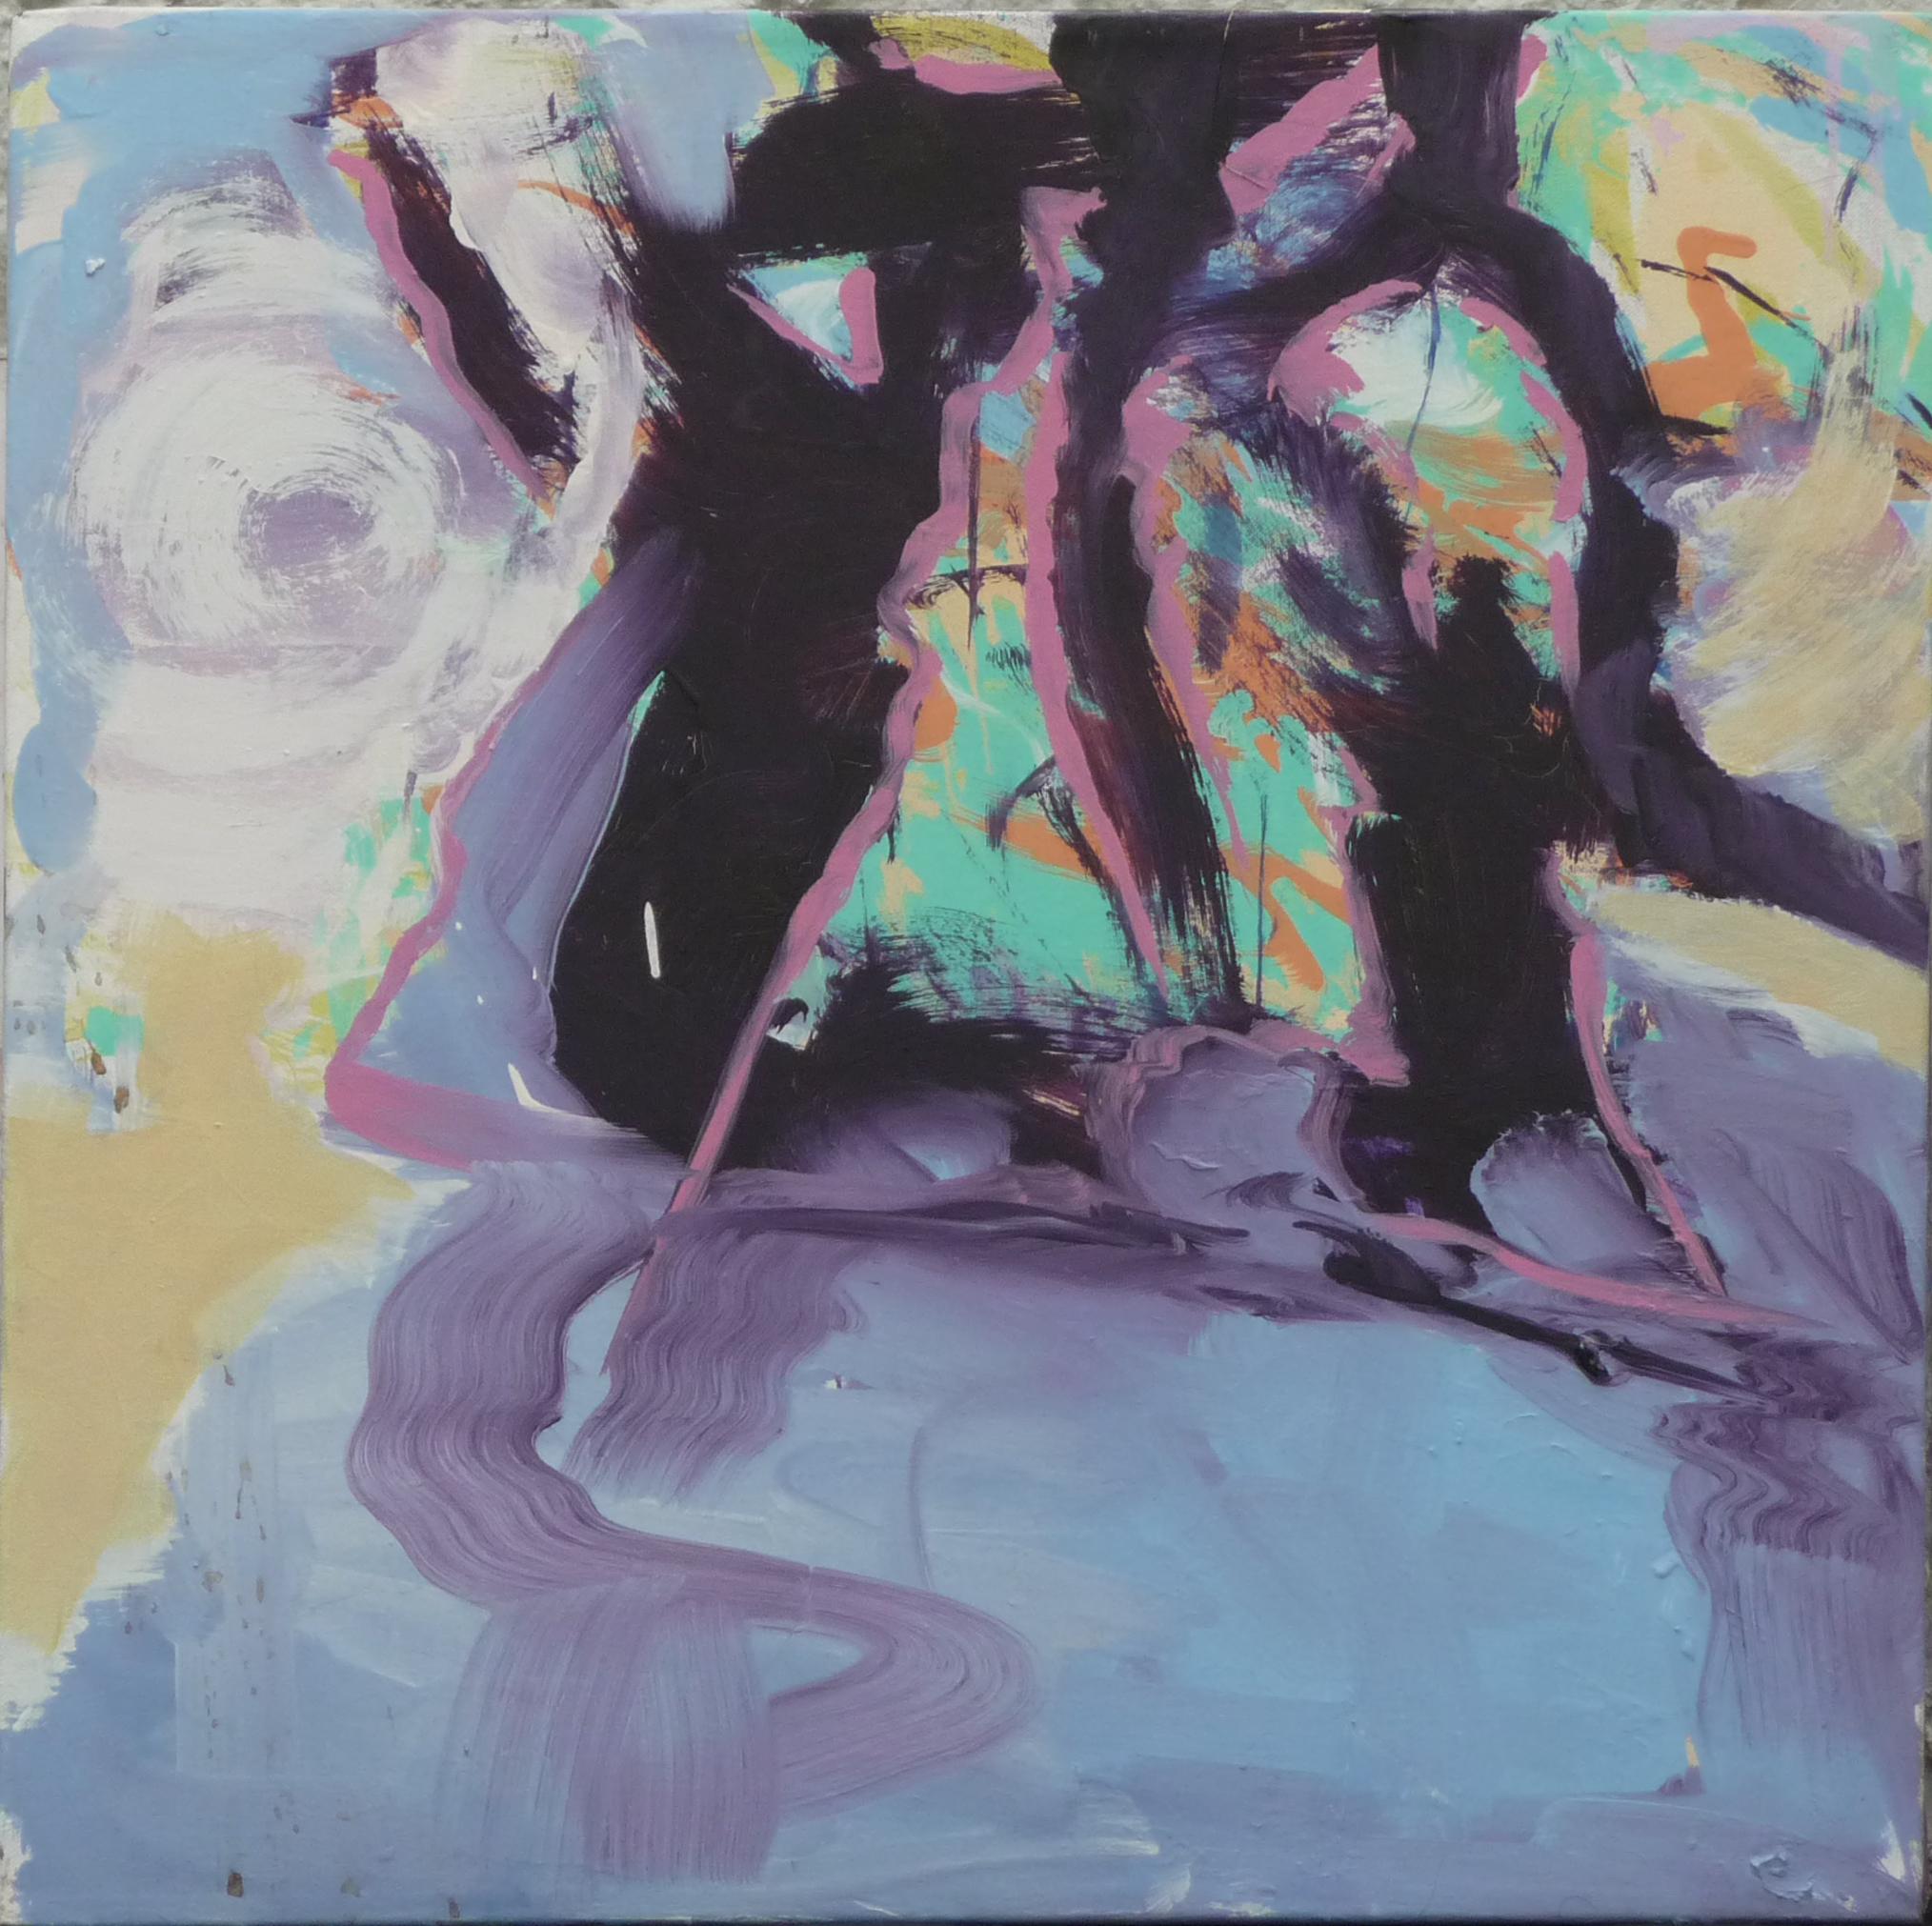 Abauf-Grund, oil on canvas, 60 x 60 cm